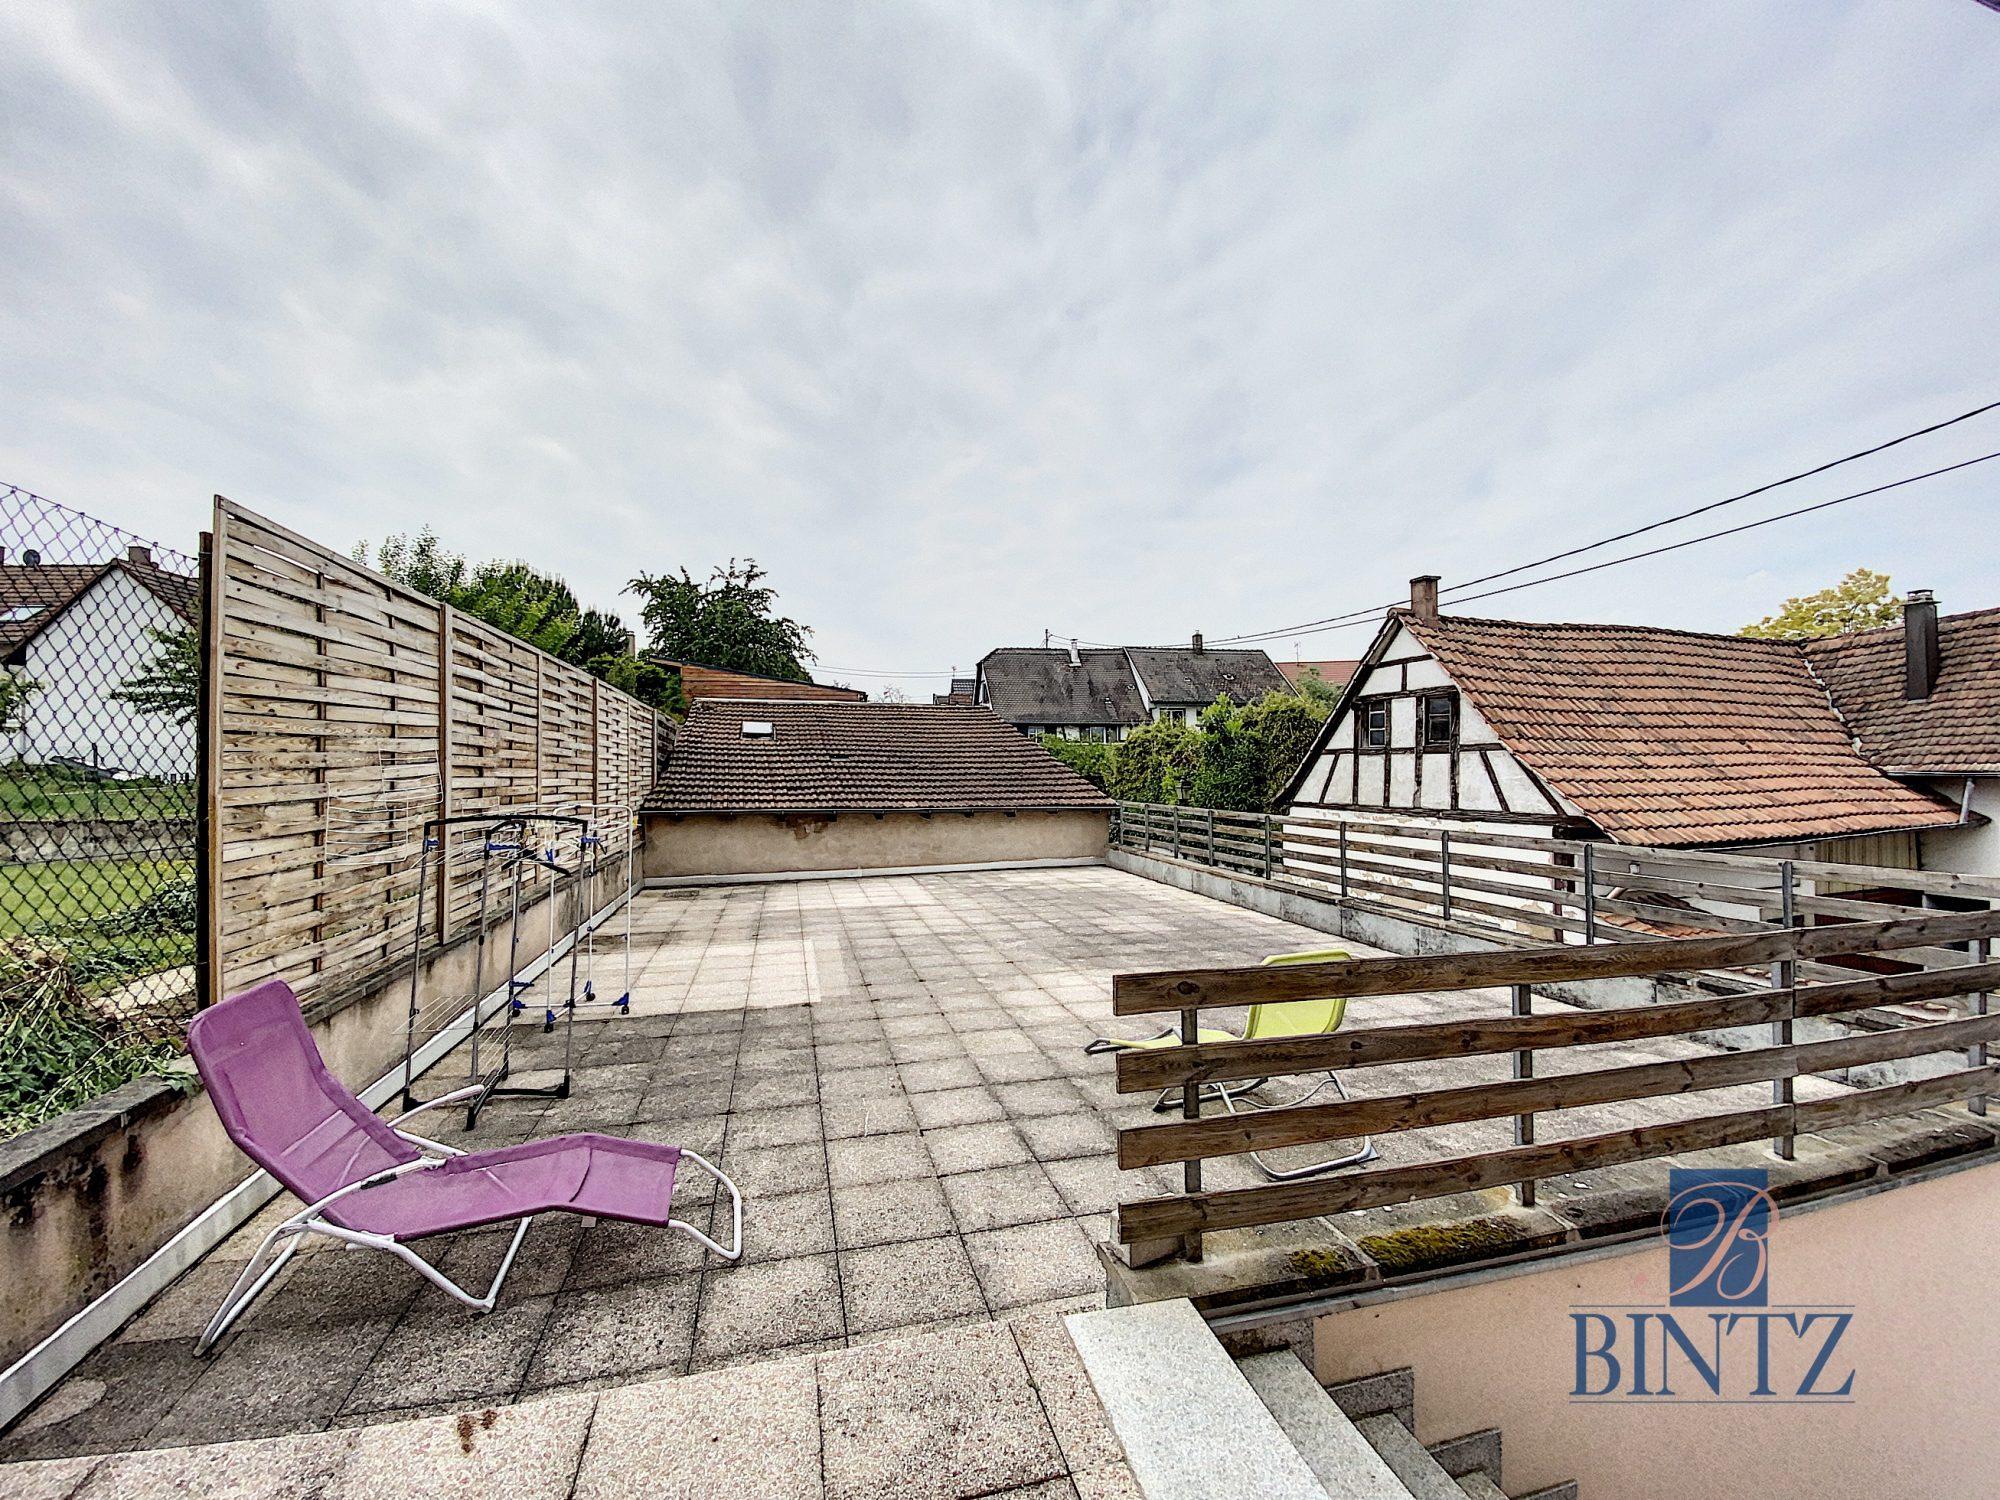 Charmant T3 Duplex avec belle terrasse - Devenez propriétaire en toute confiance - Bintz Immobilier - 1